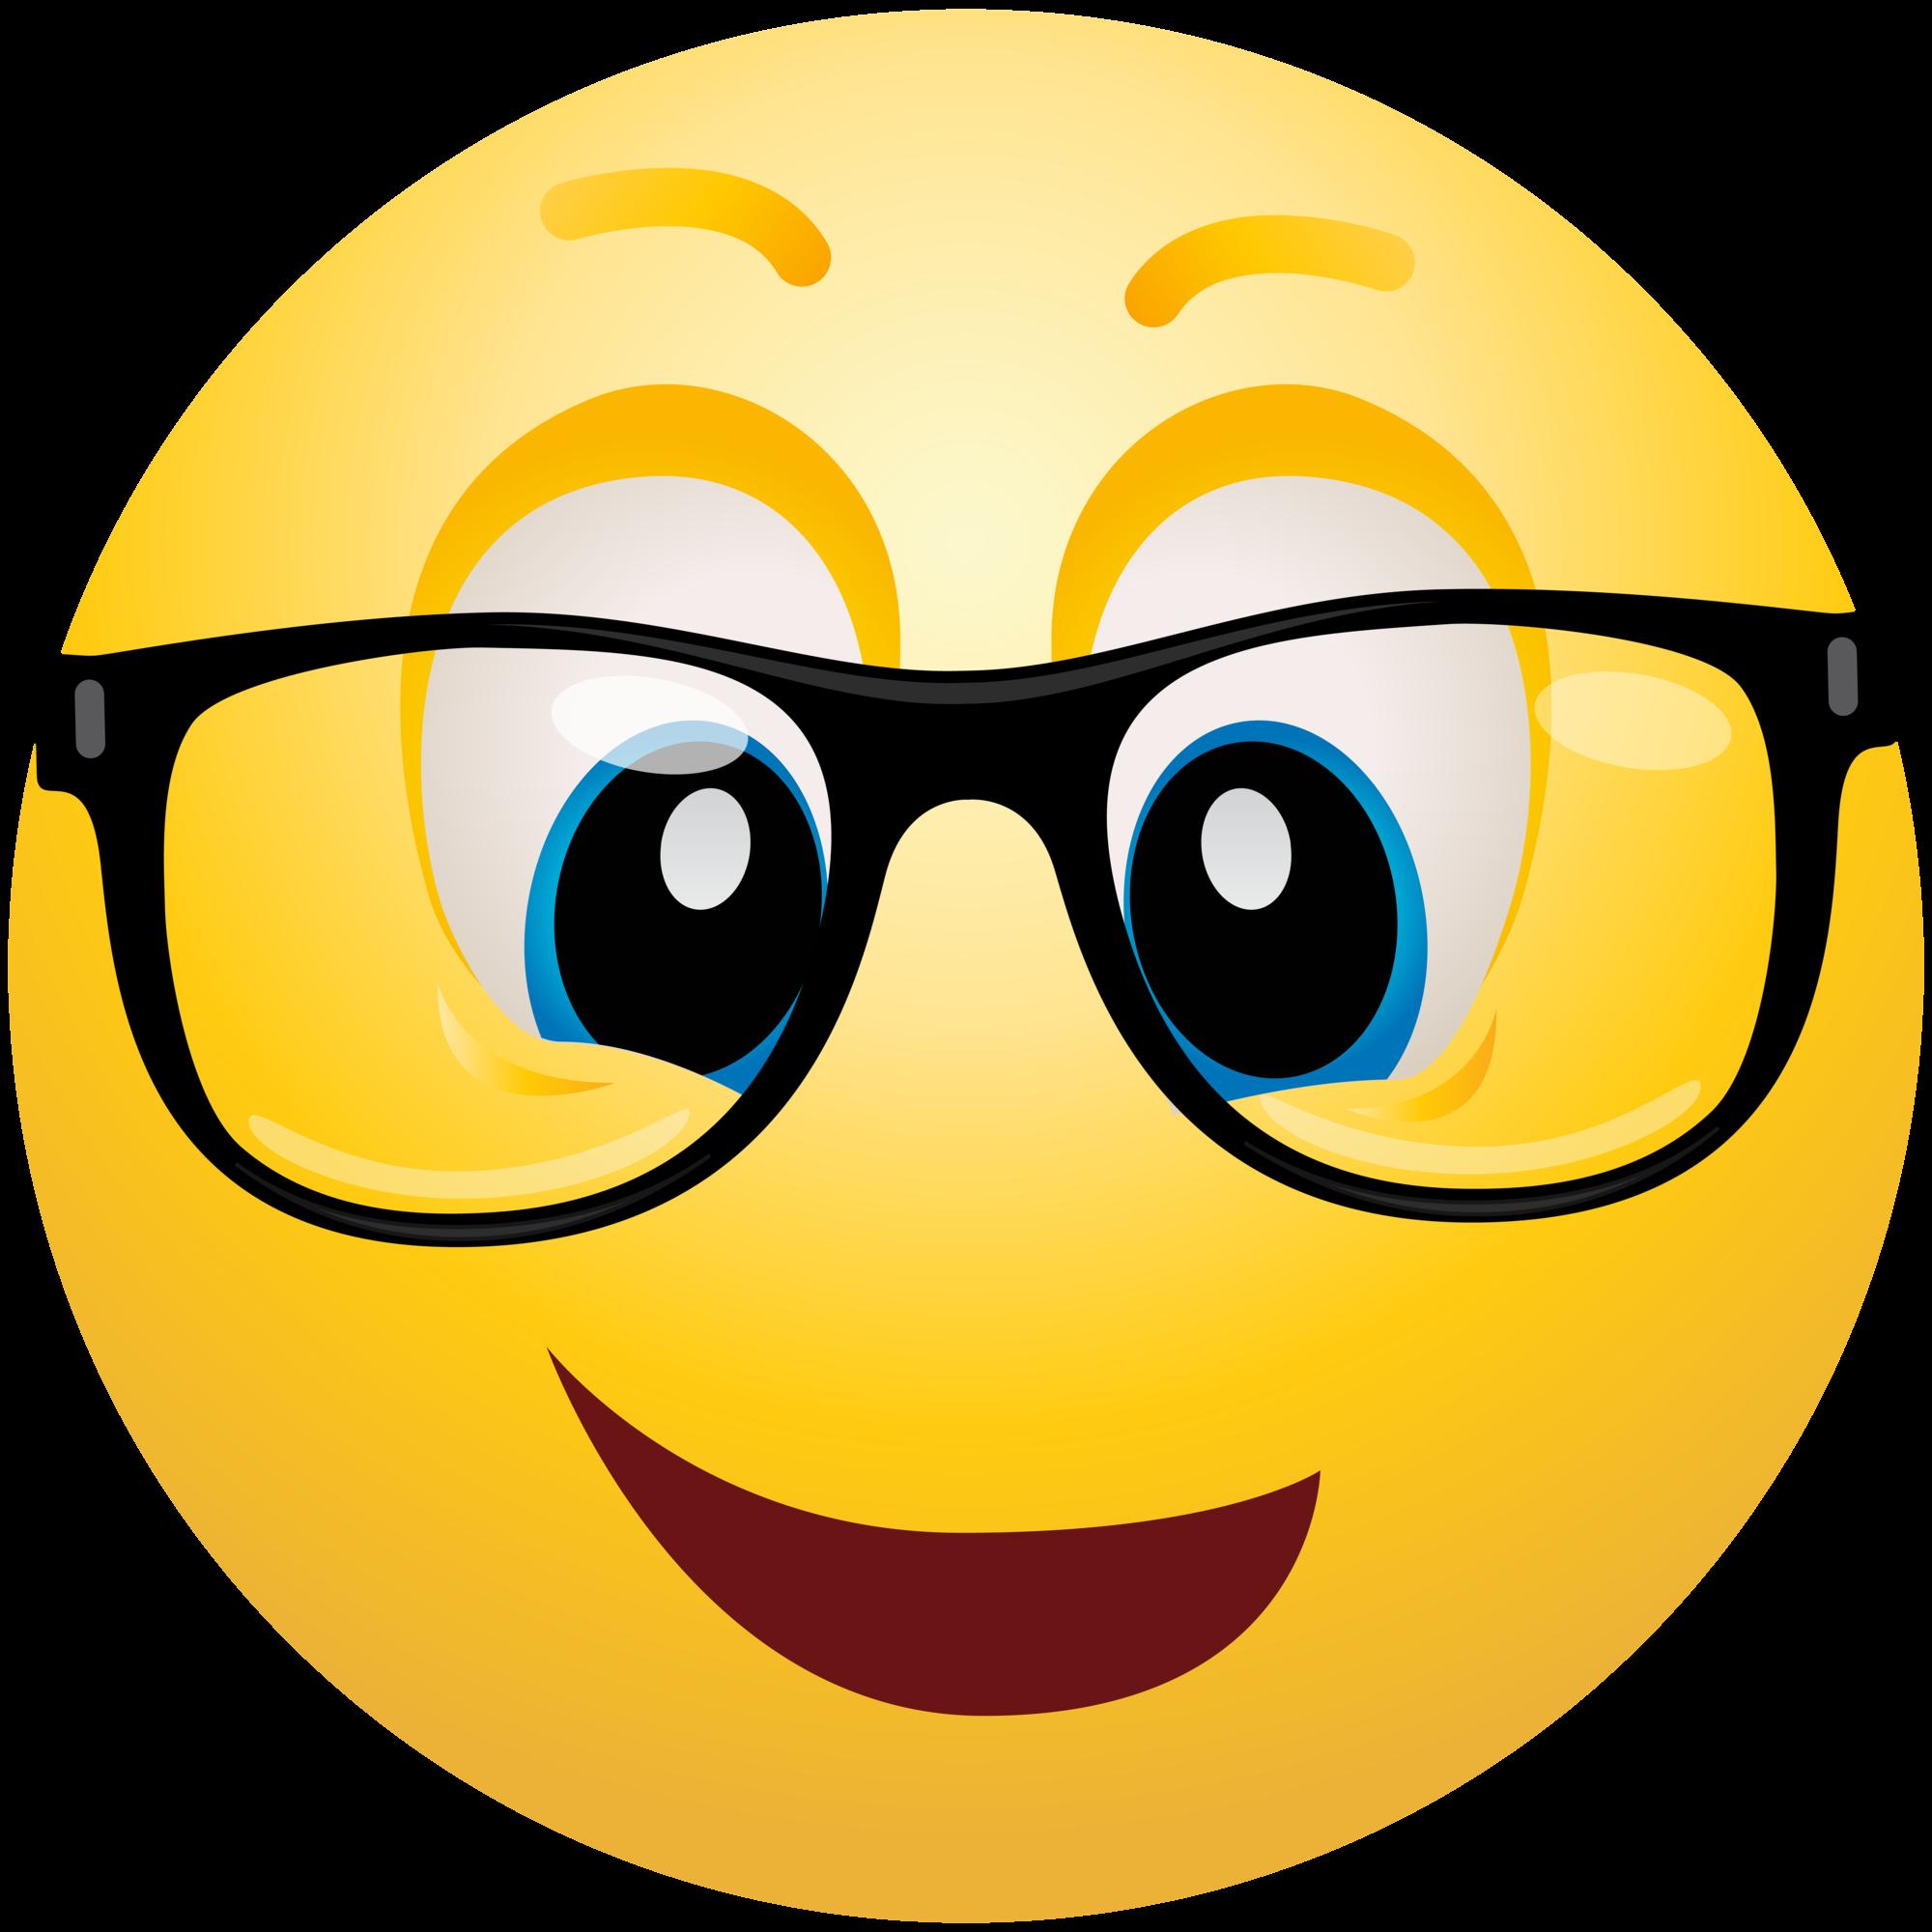 Geek emoticon info . Emoji clipart